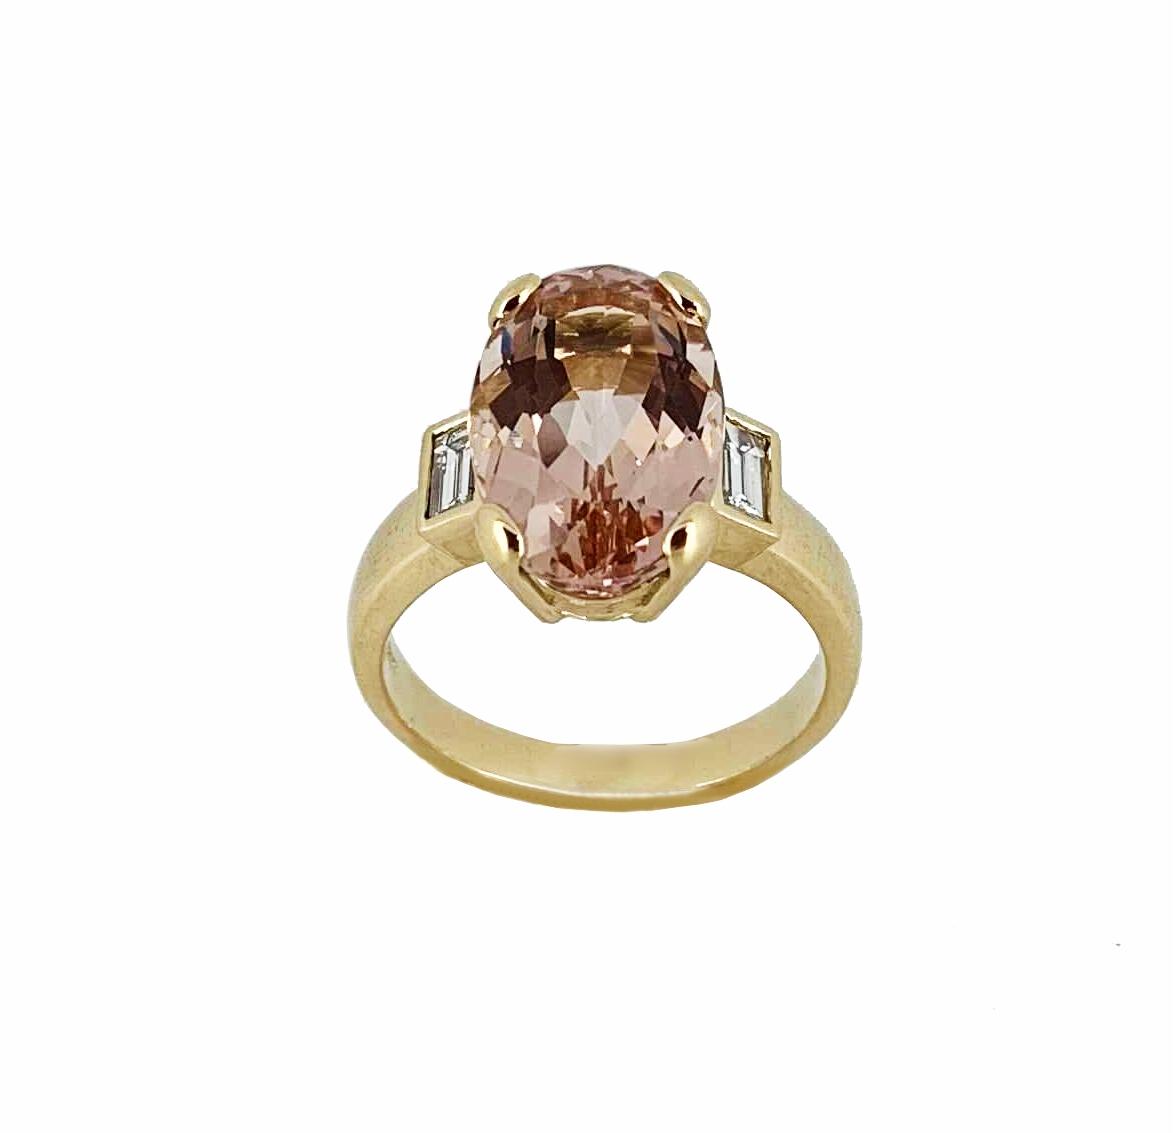 Morganite & Diamond Baguette Ring 18ct Yellow Gold.jpg